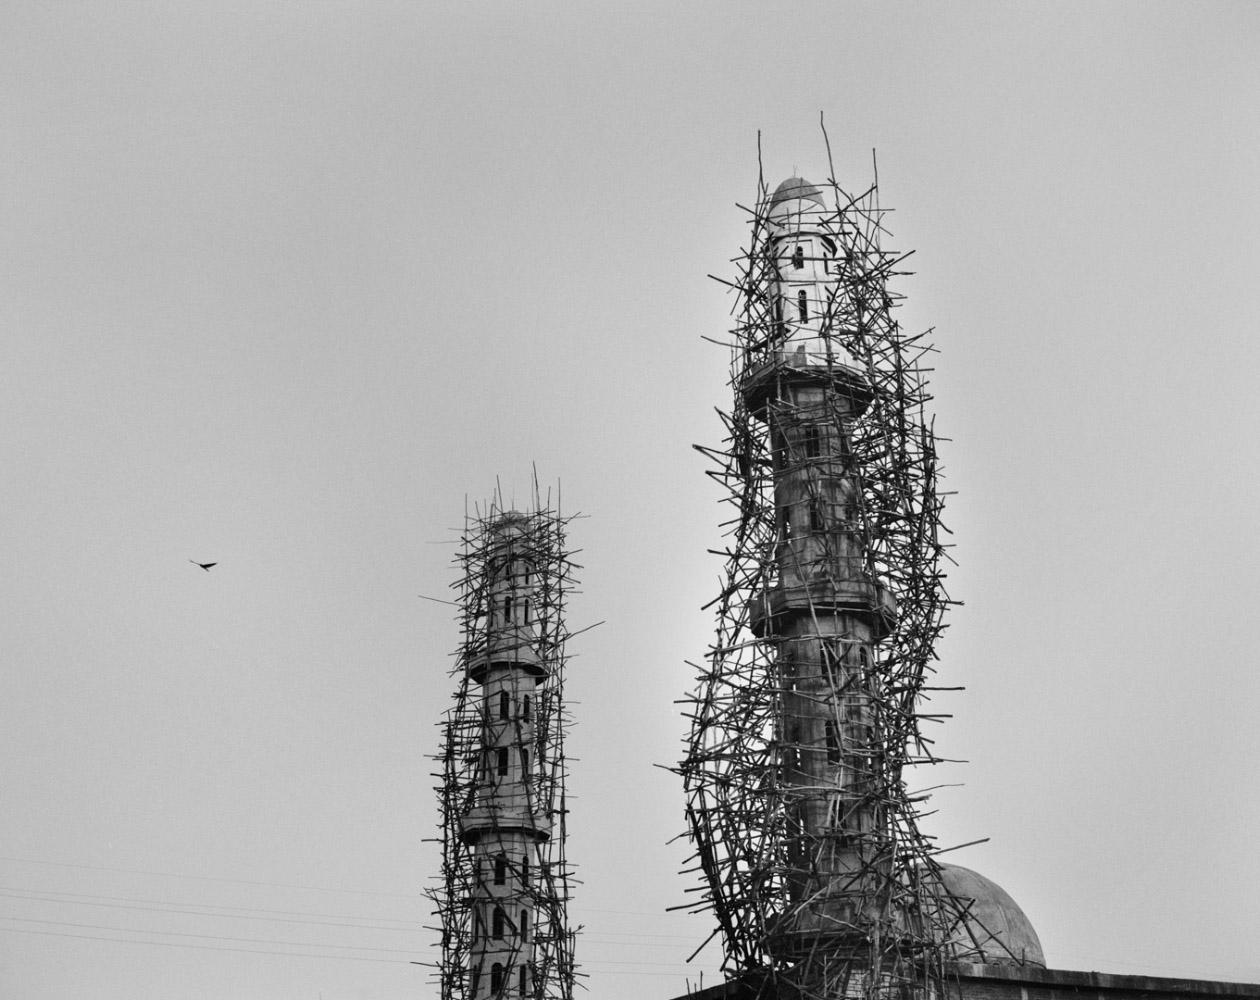 Ethiopia, Bahir Dar, 2005 Mosque under construction